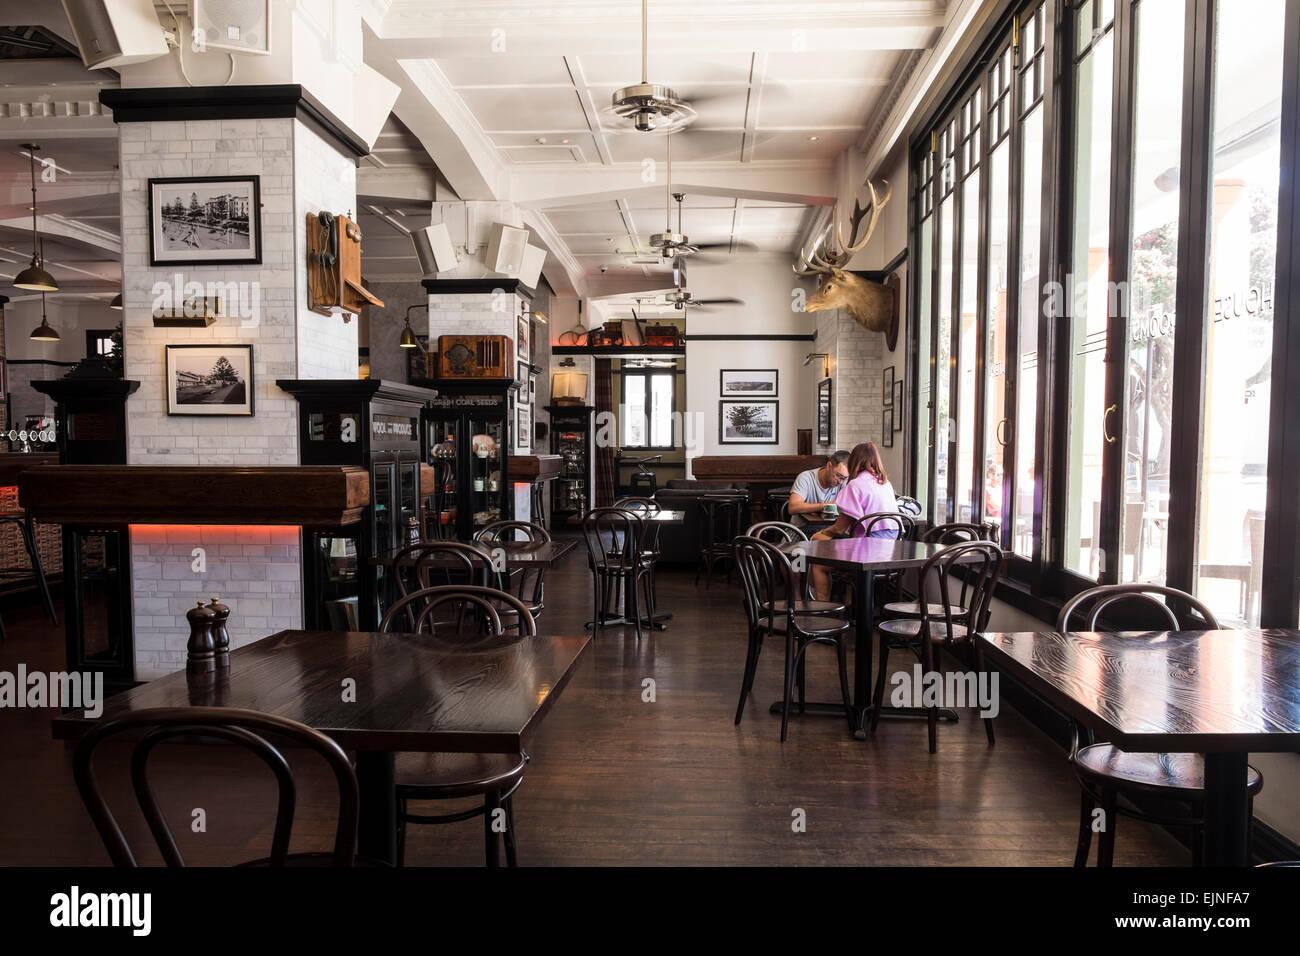 Die Freimaurer-Hotel Interieur der Bar Restaurant-Bereich mit alten ...